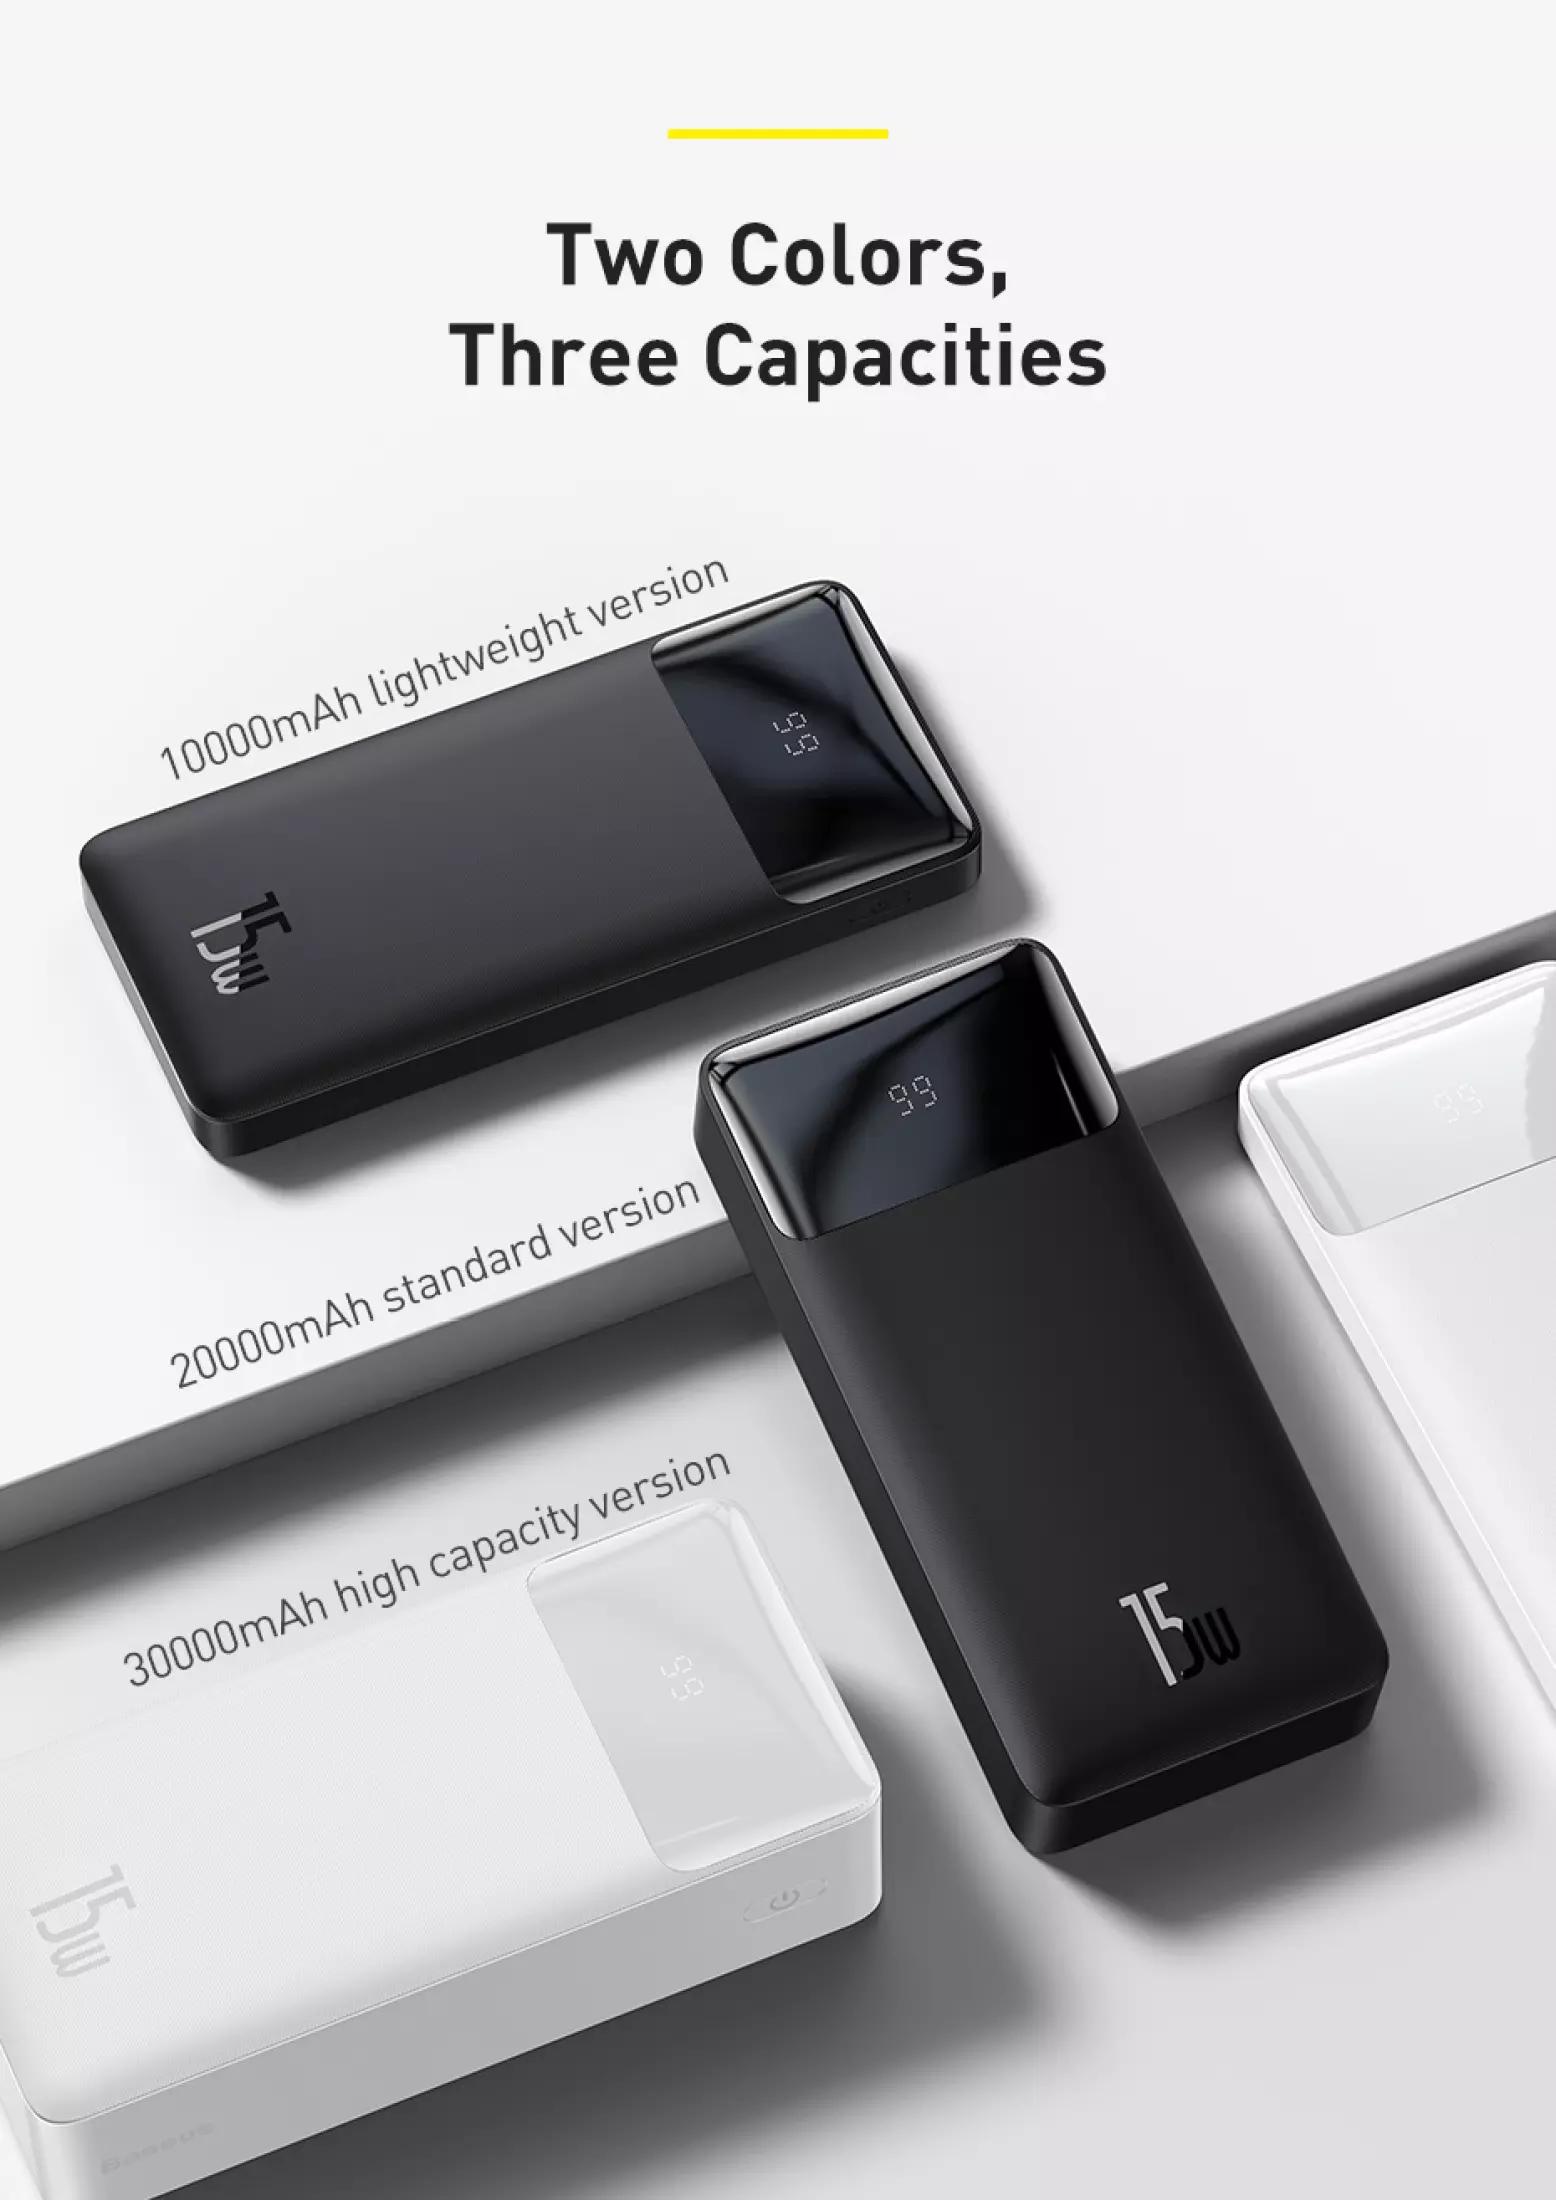 Pin sạc dự phòng Baseus dung lượng 10000mAh công suất 15W hoặc 20W, màn hình LED hiển thị, sạc nhanh QC, PD cho iPhone, Samsung, Xiaomi,....-Phân phối chính hãng tại Baseus Việt Nam 10